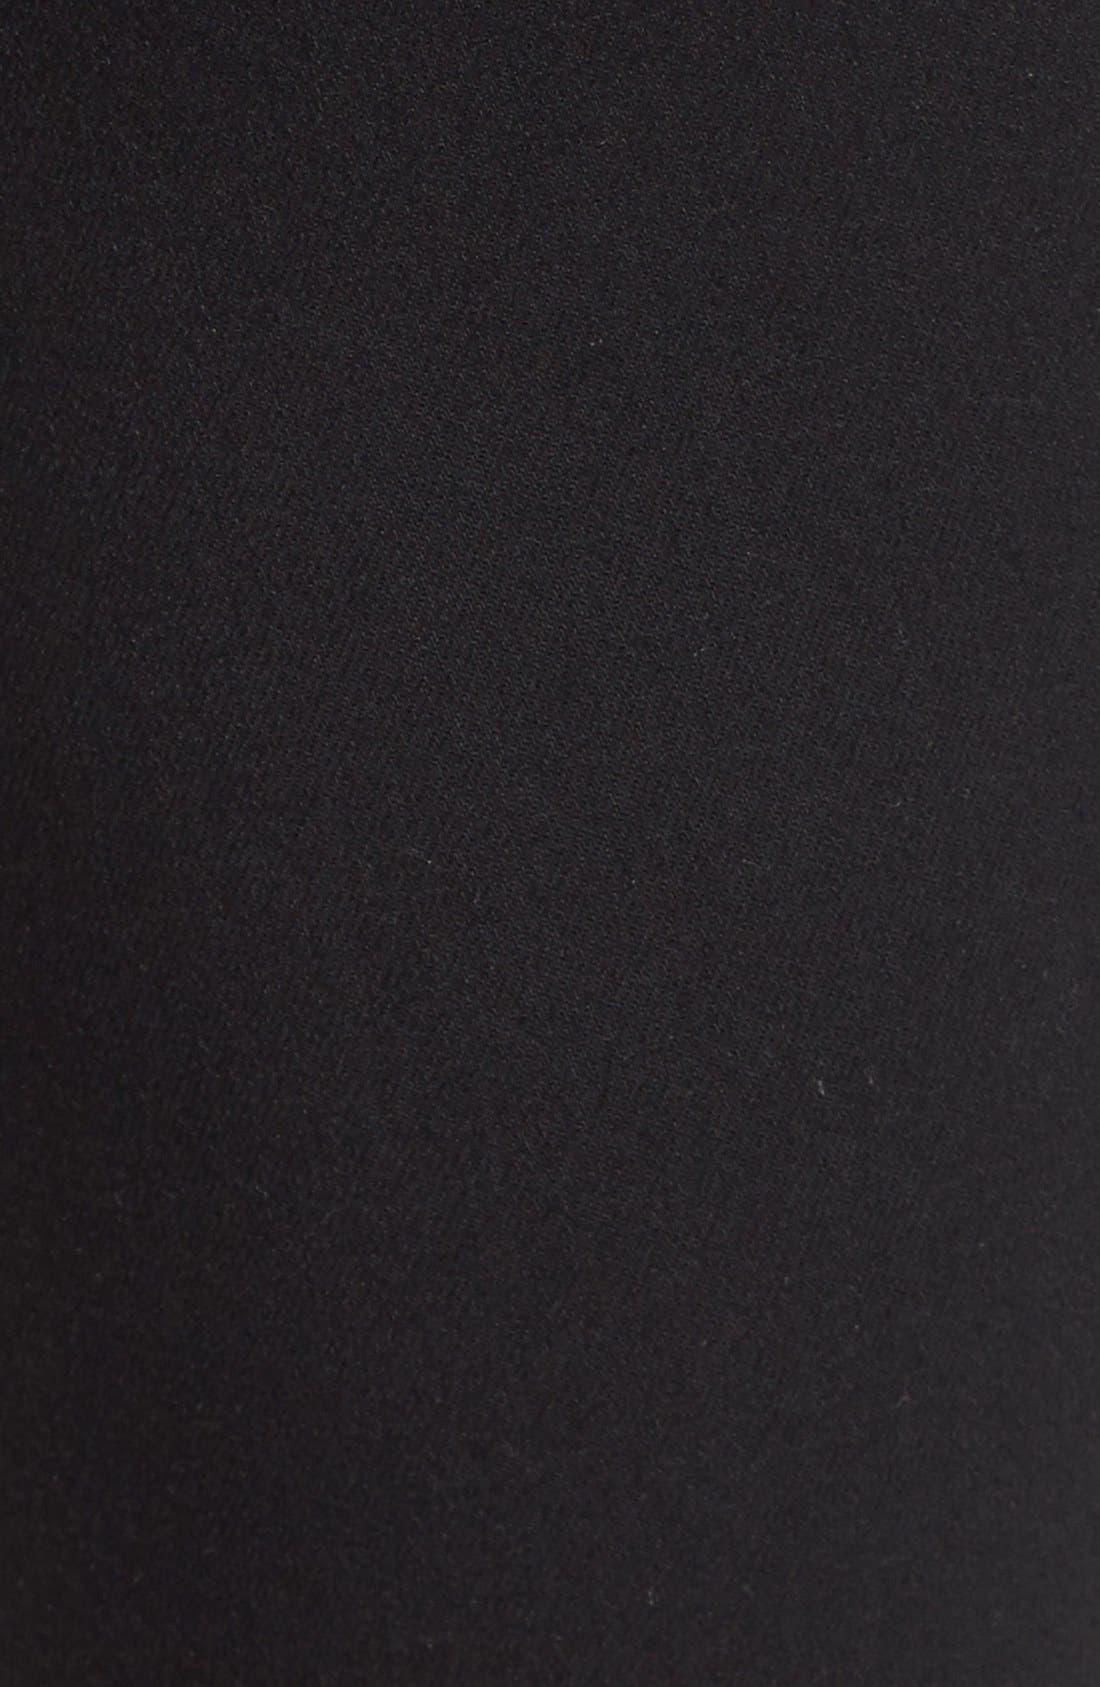 Alternate Image 5  - Paige Denim 'Transcend - Verdugo' Crop Skinny Jeans (Black Destructed)